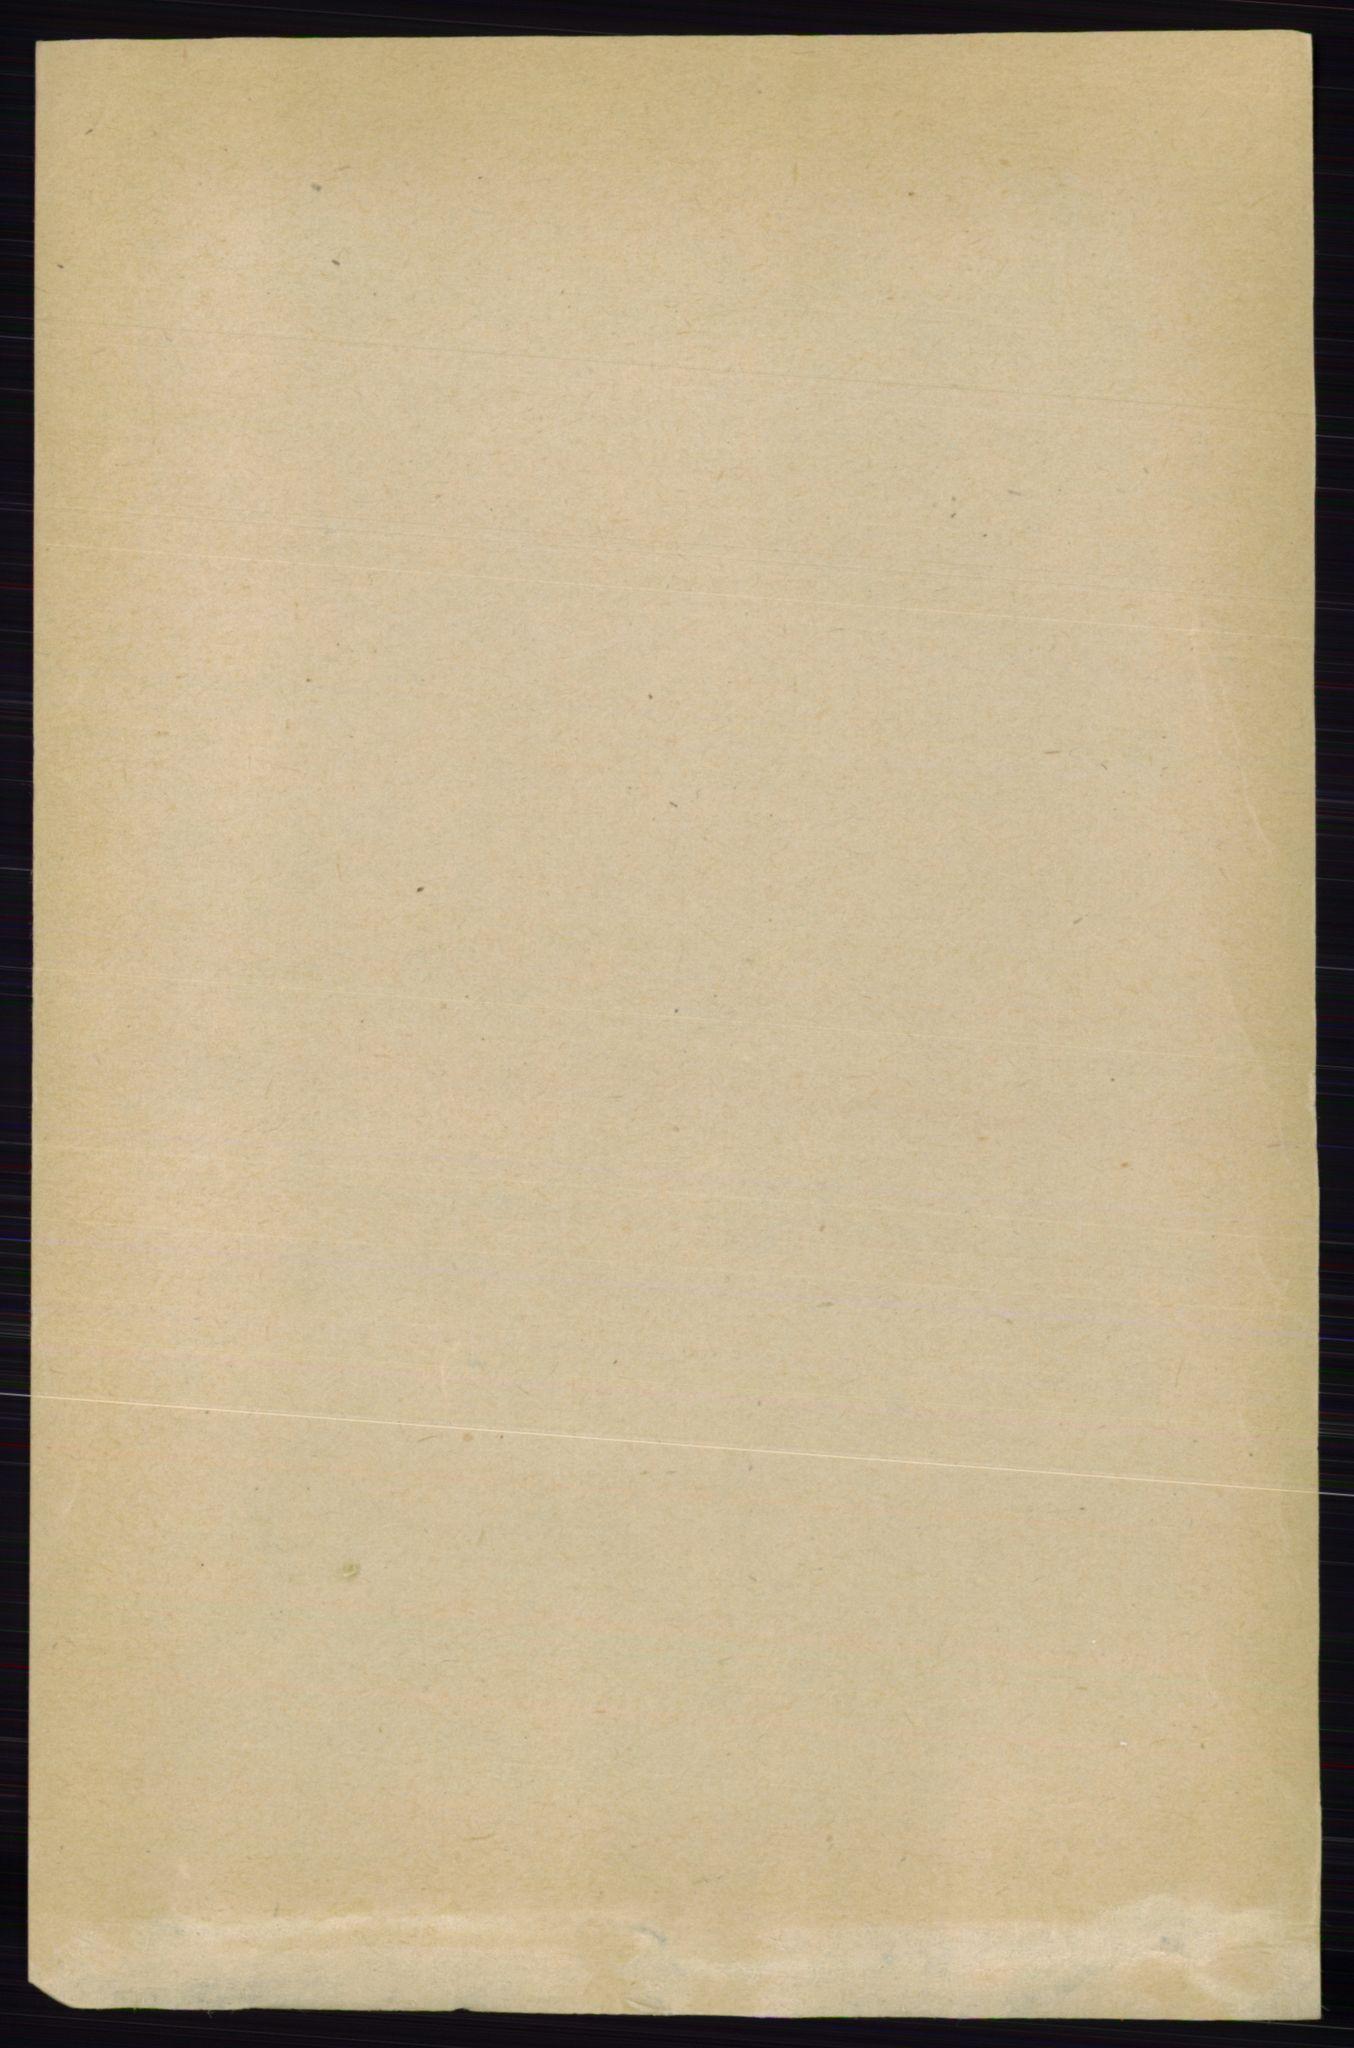 RA, Folketelling 1891 for 0116 Berg herred, 1891, s. 960